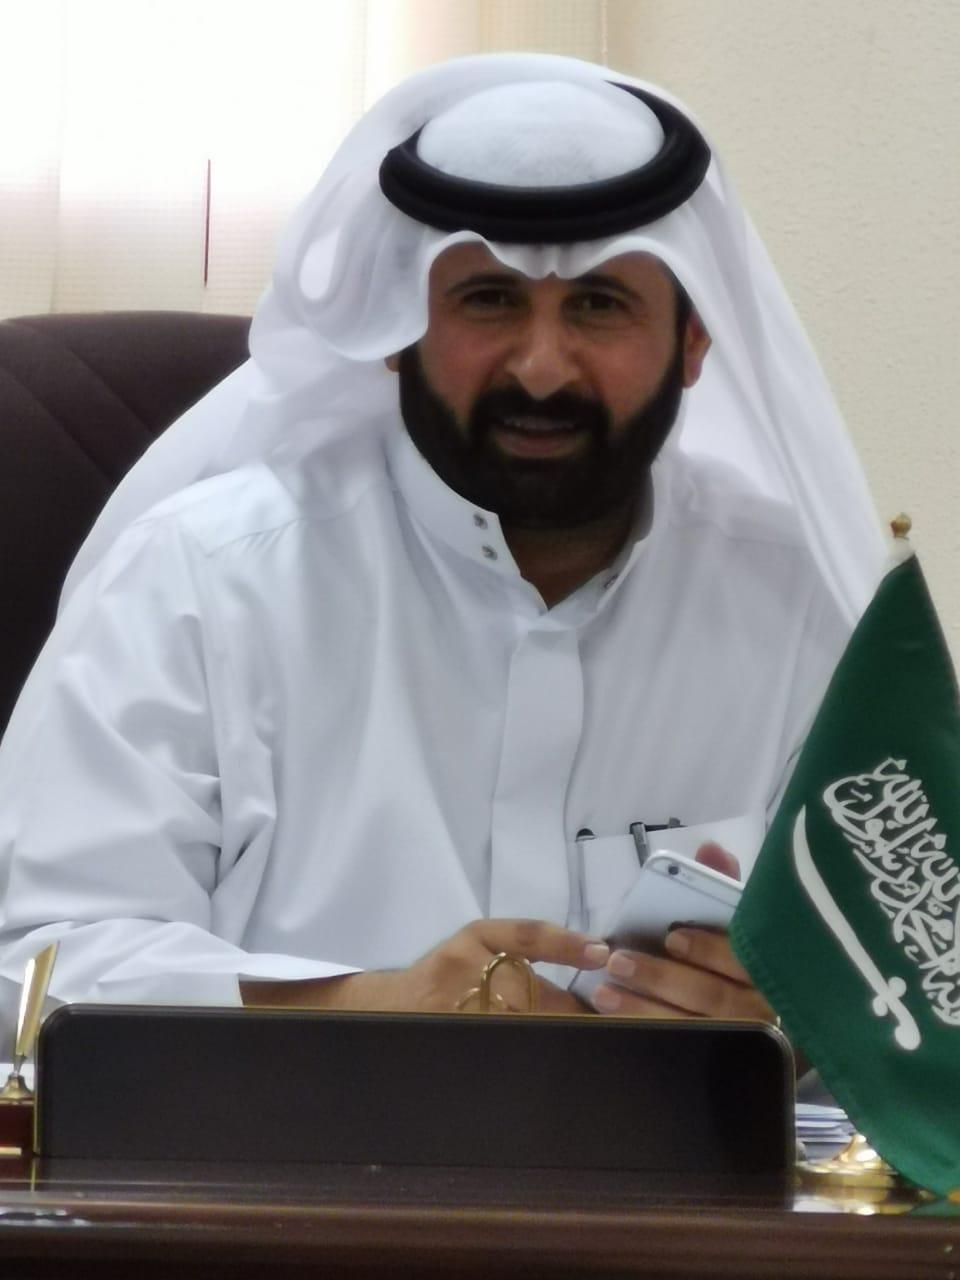 تكليف الأستاذ عبدالرحمن القحطاني قائدا لثانوية الجهاد بغرب ...